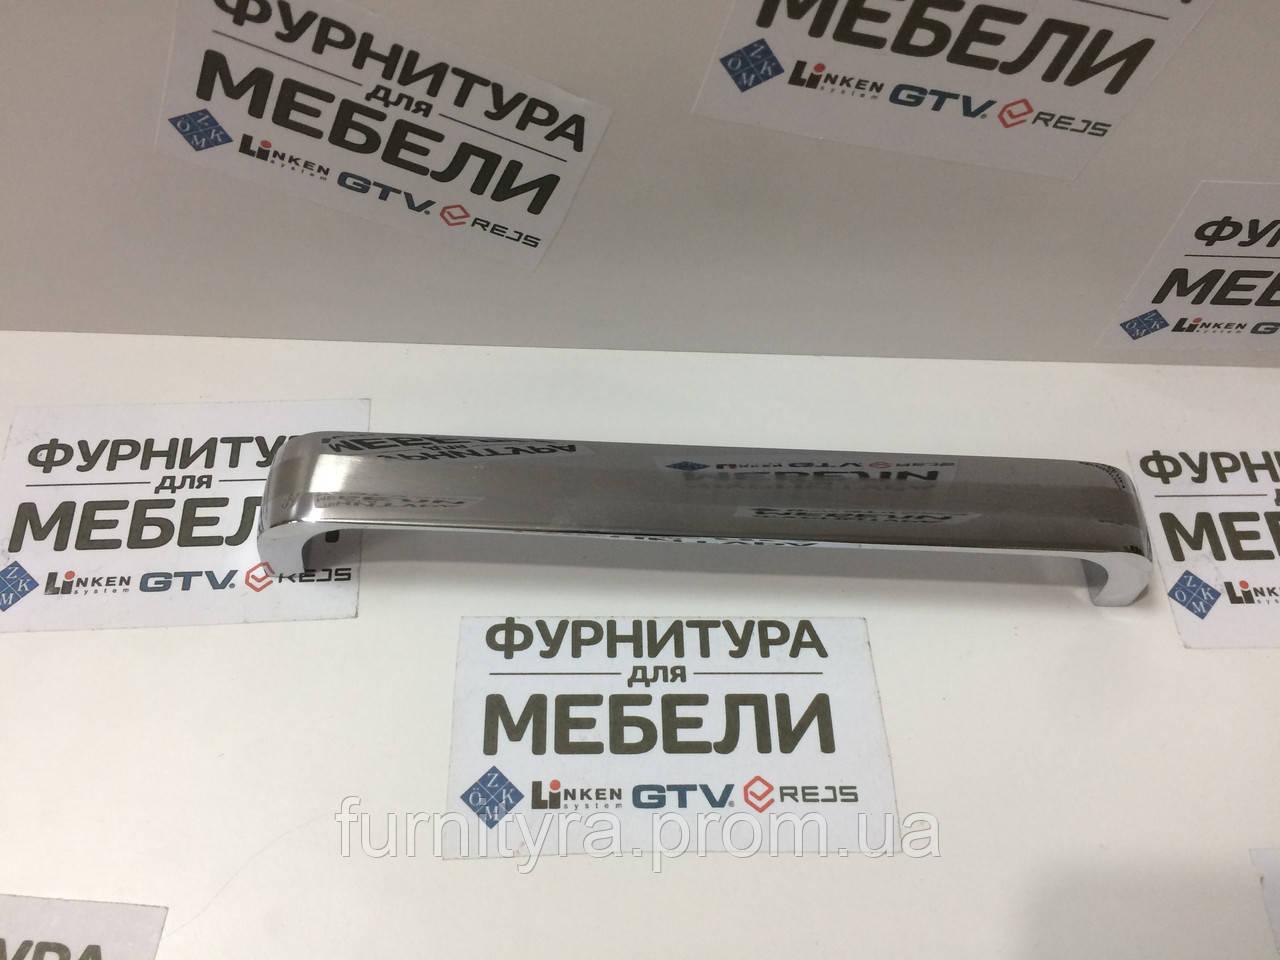 Ручка 192mm DOLUNAY Сталь-Хром-Сталь